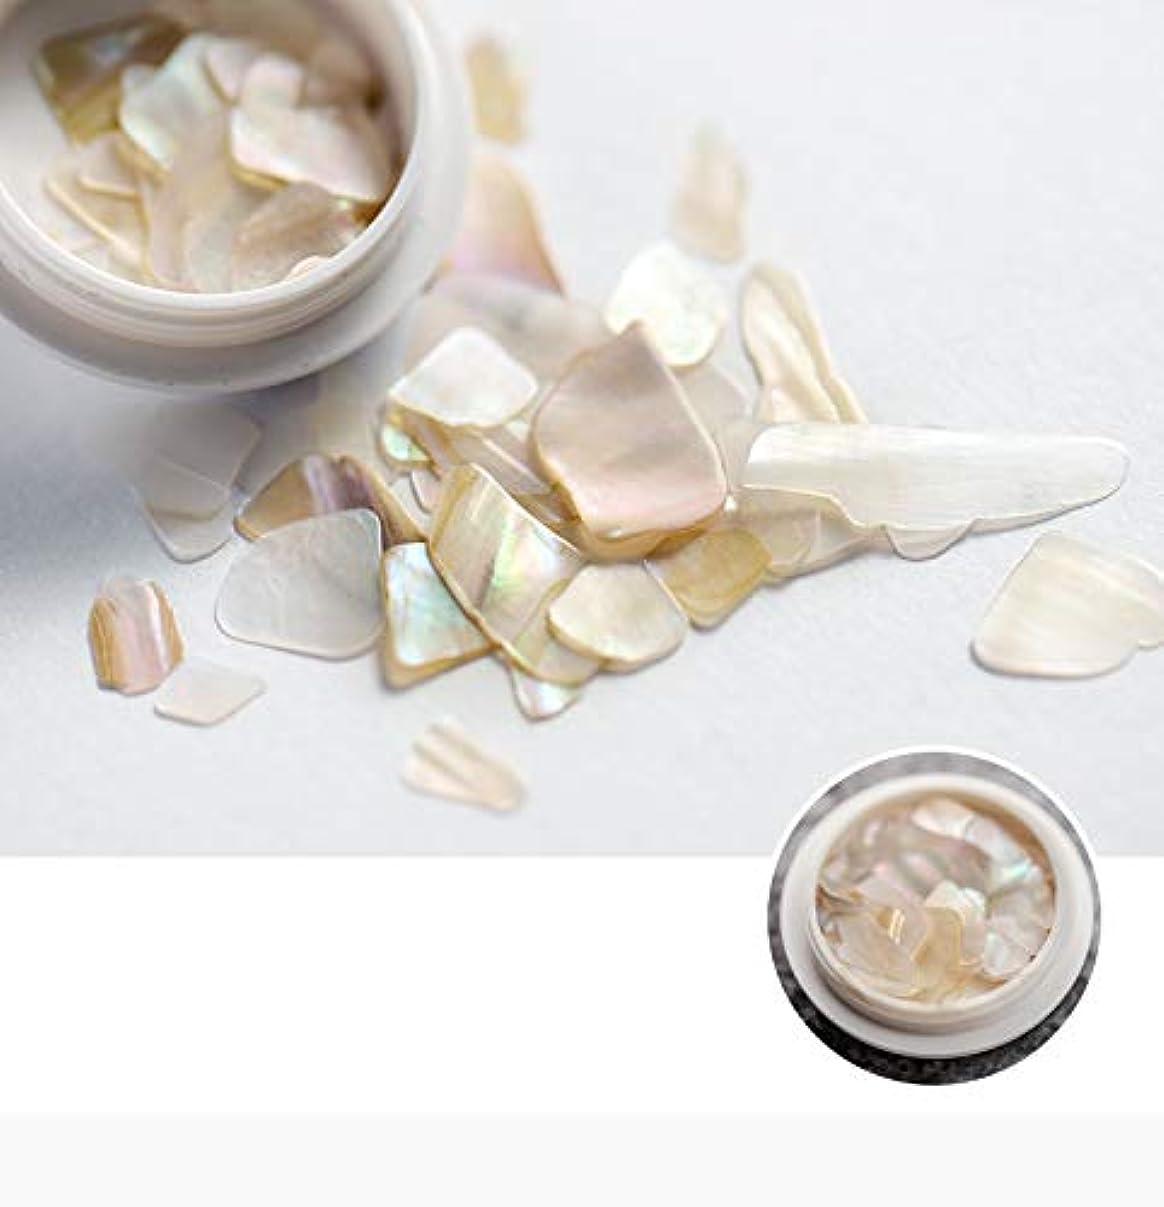 啓発する上下するトレイネイル石パーツ ネイル貝殻風 シェル 貝 レジン ジェルネイル ネイルアート ネイルパーツ (6)